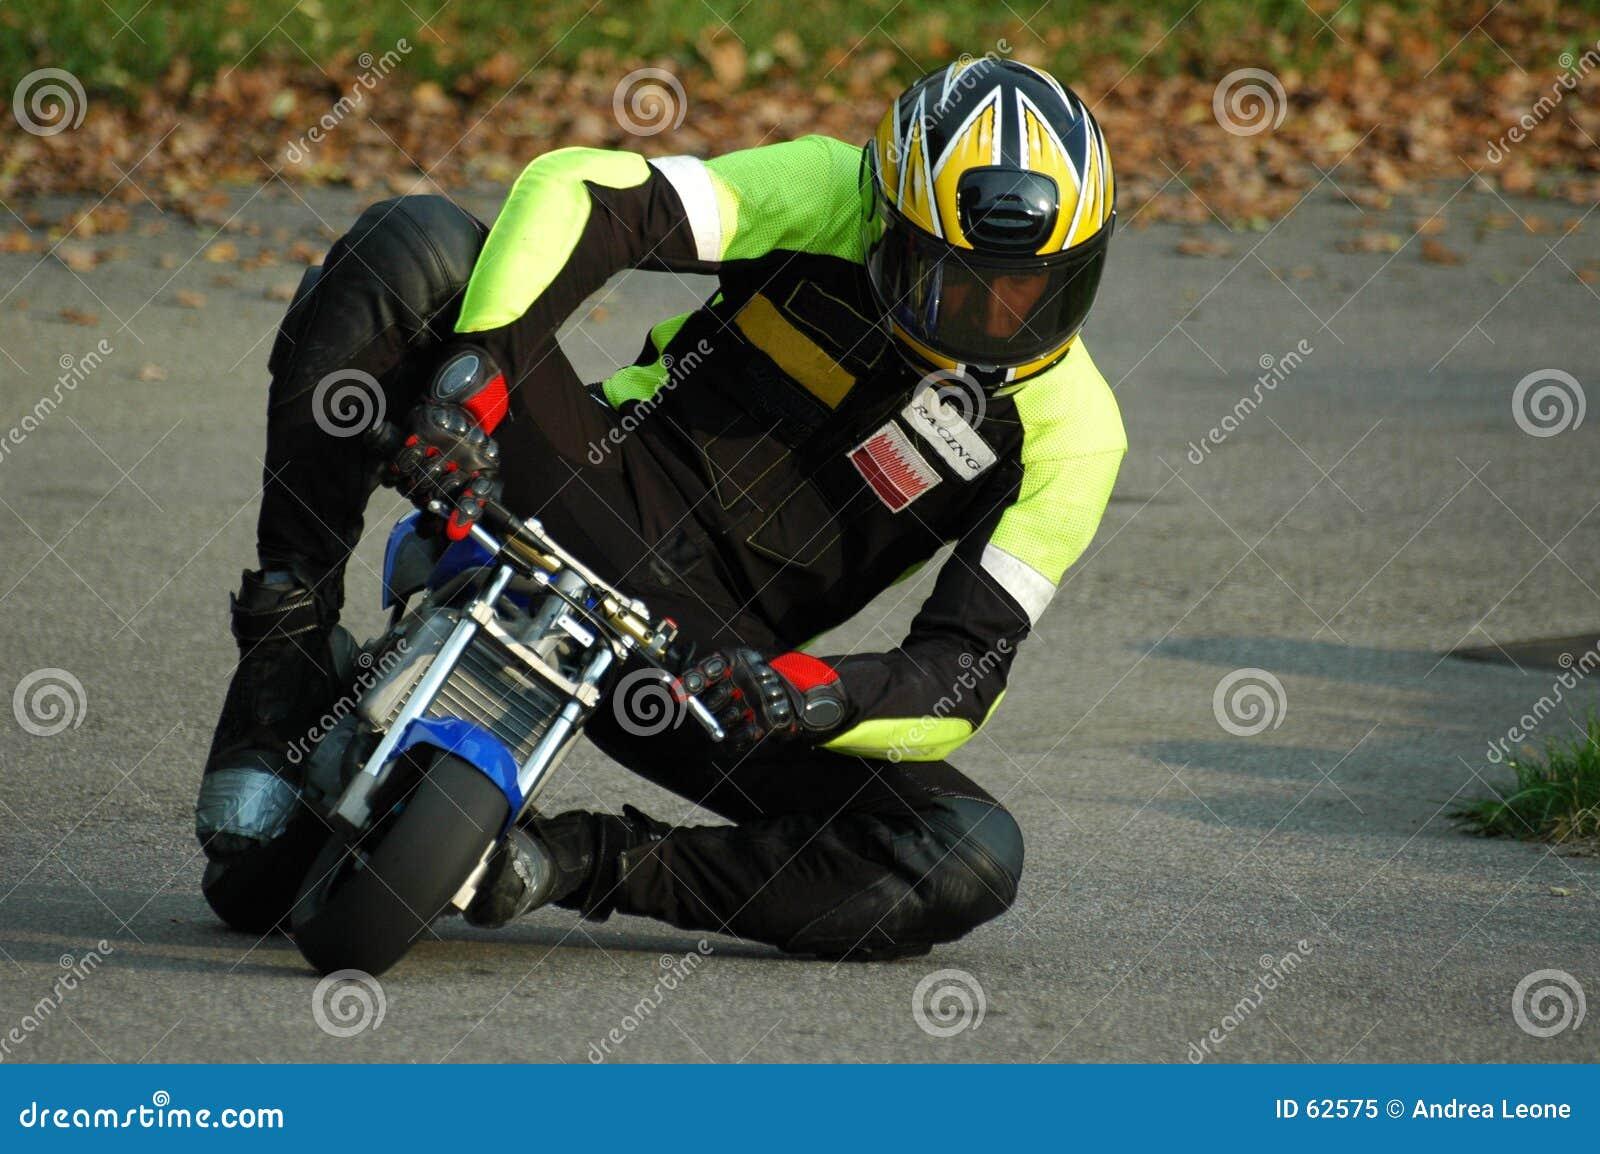 Minibike die II rent